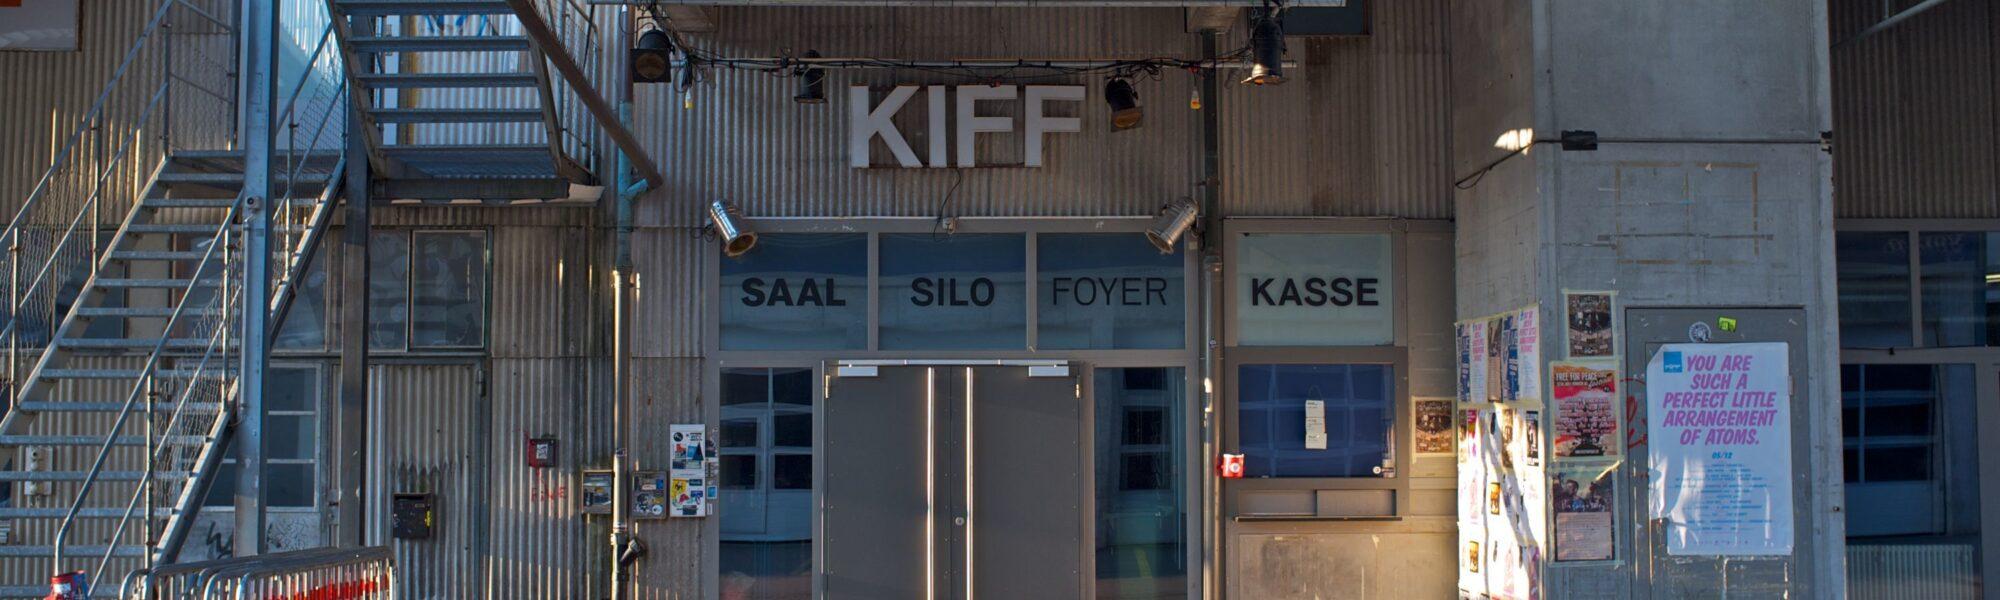 KIFF - Kultur in der Futterfabrik